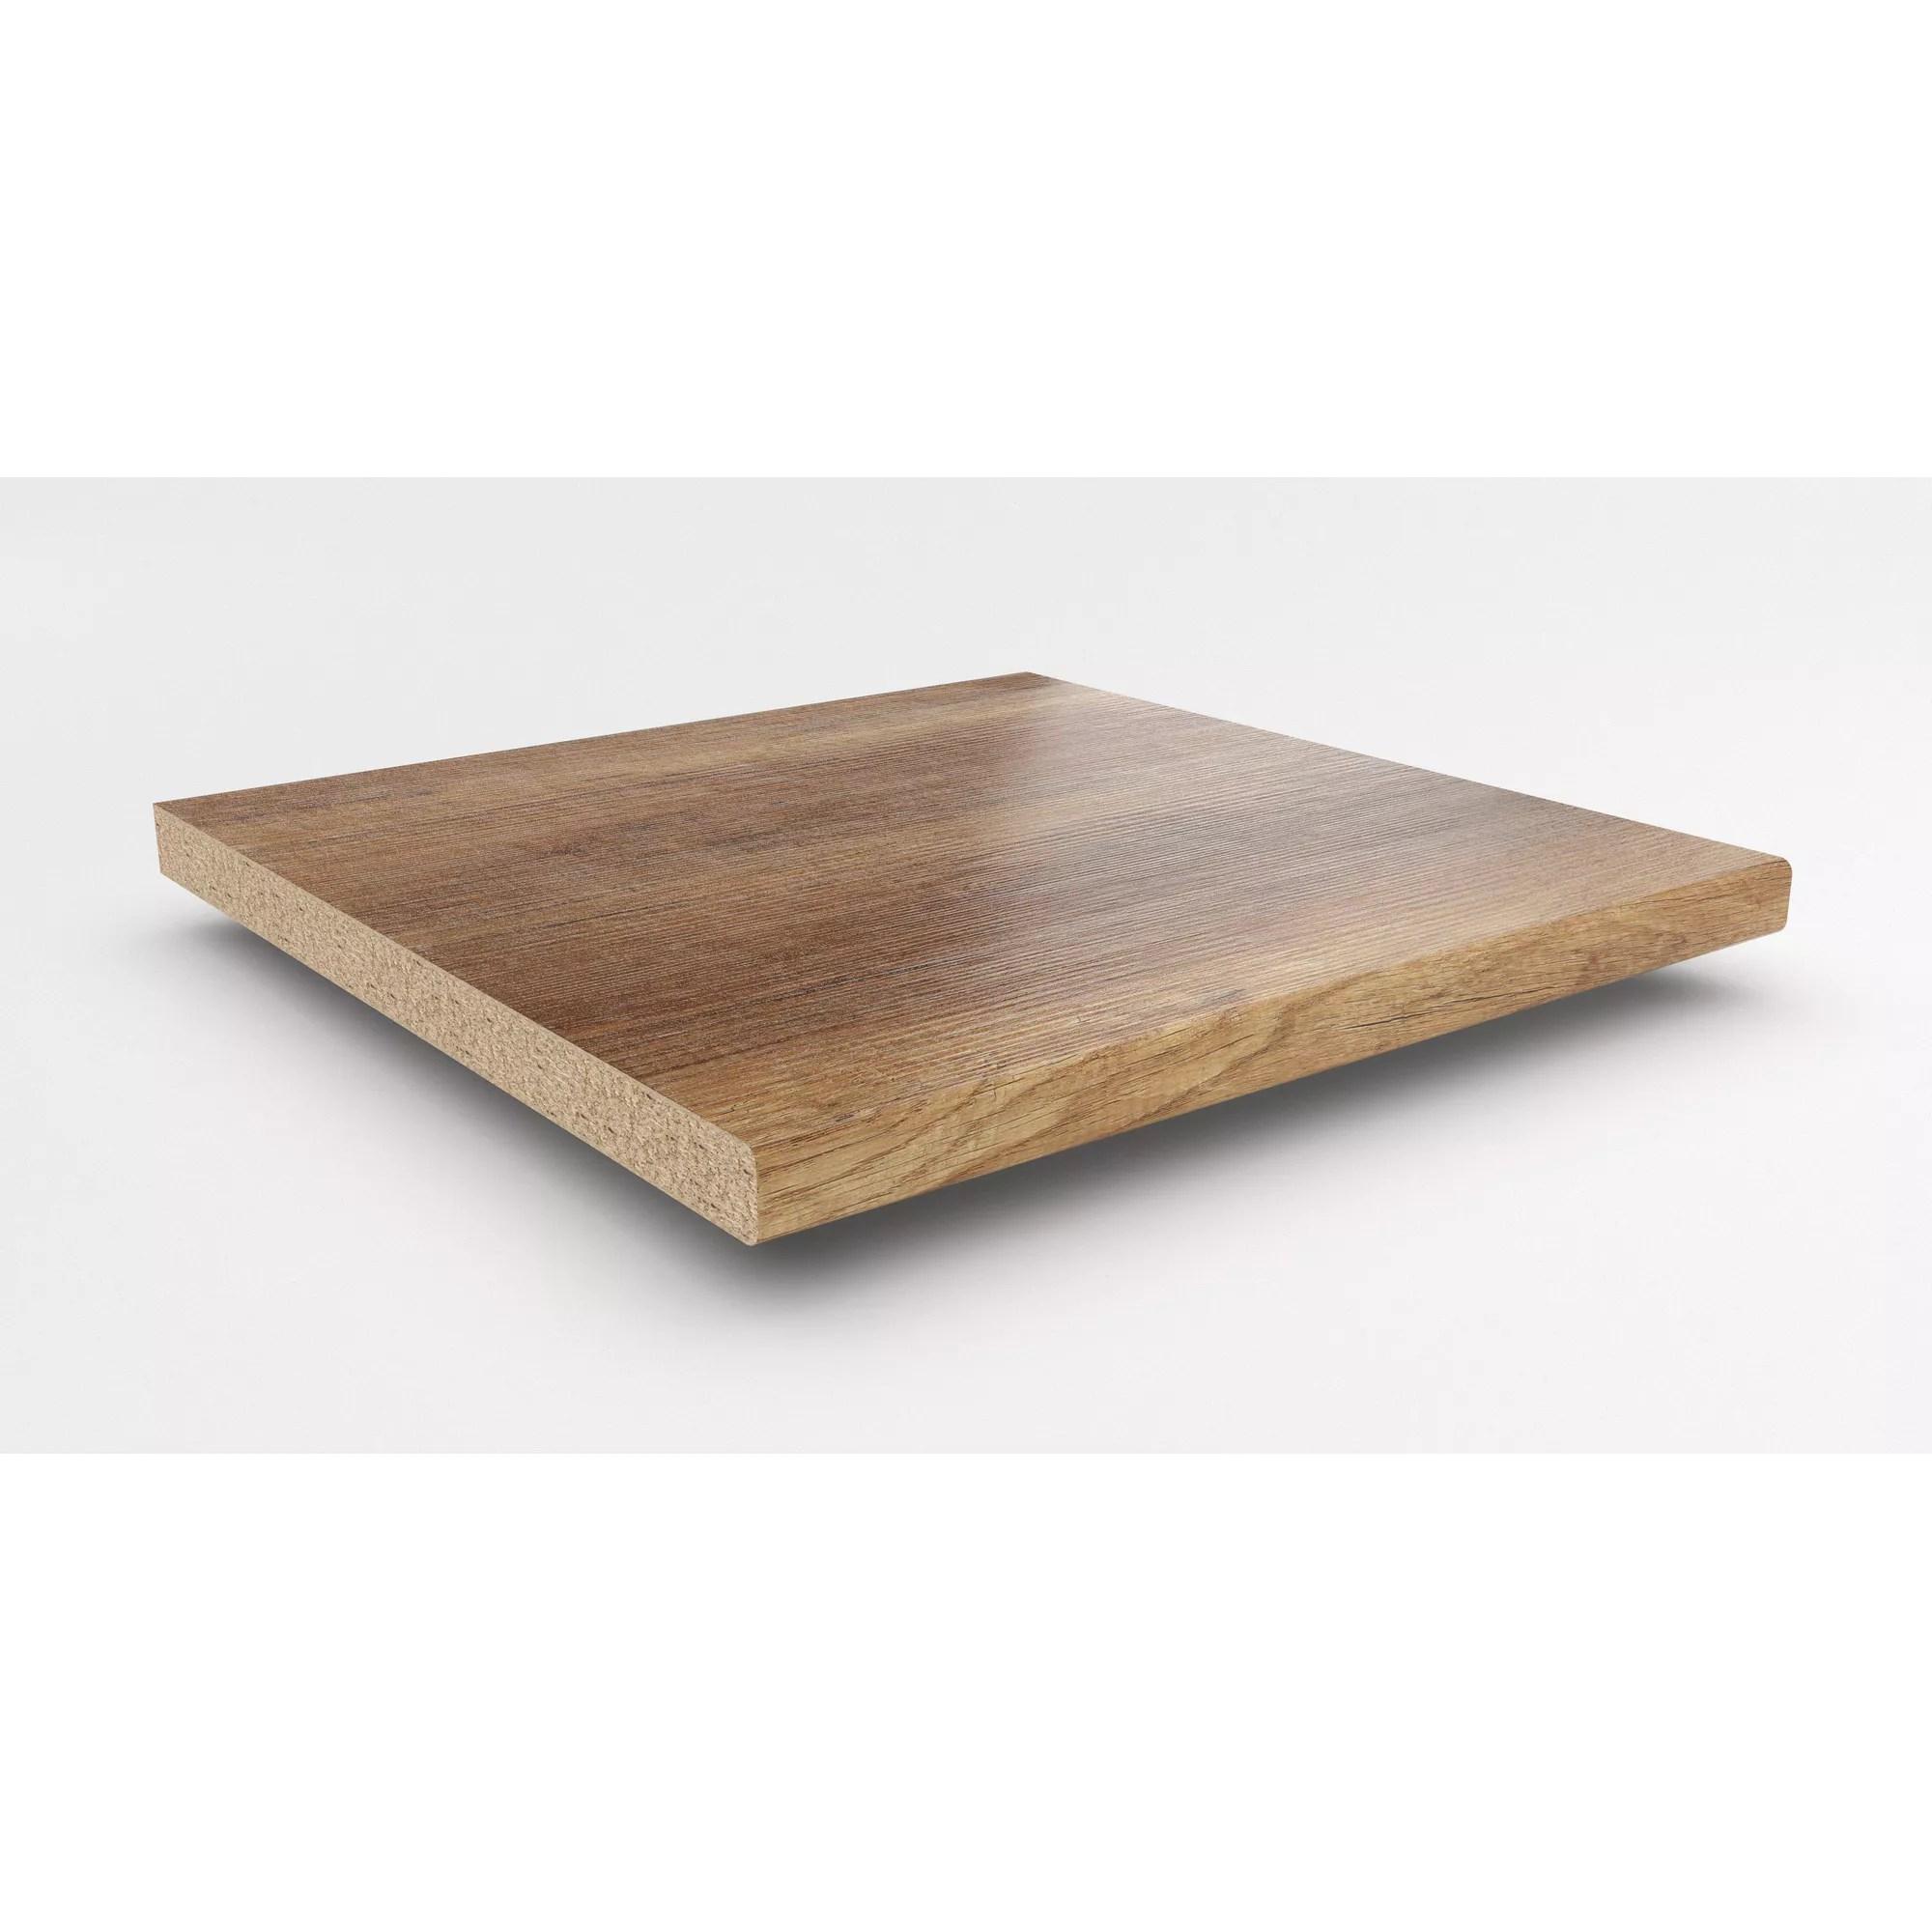 Getaelements Kuchenarbeitsplatte Eiv971 Lo 4100 X 600 X 39 Mm Windeiche Honig ǀ Toom Baumarkt